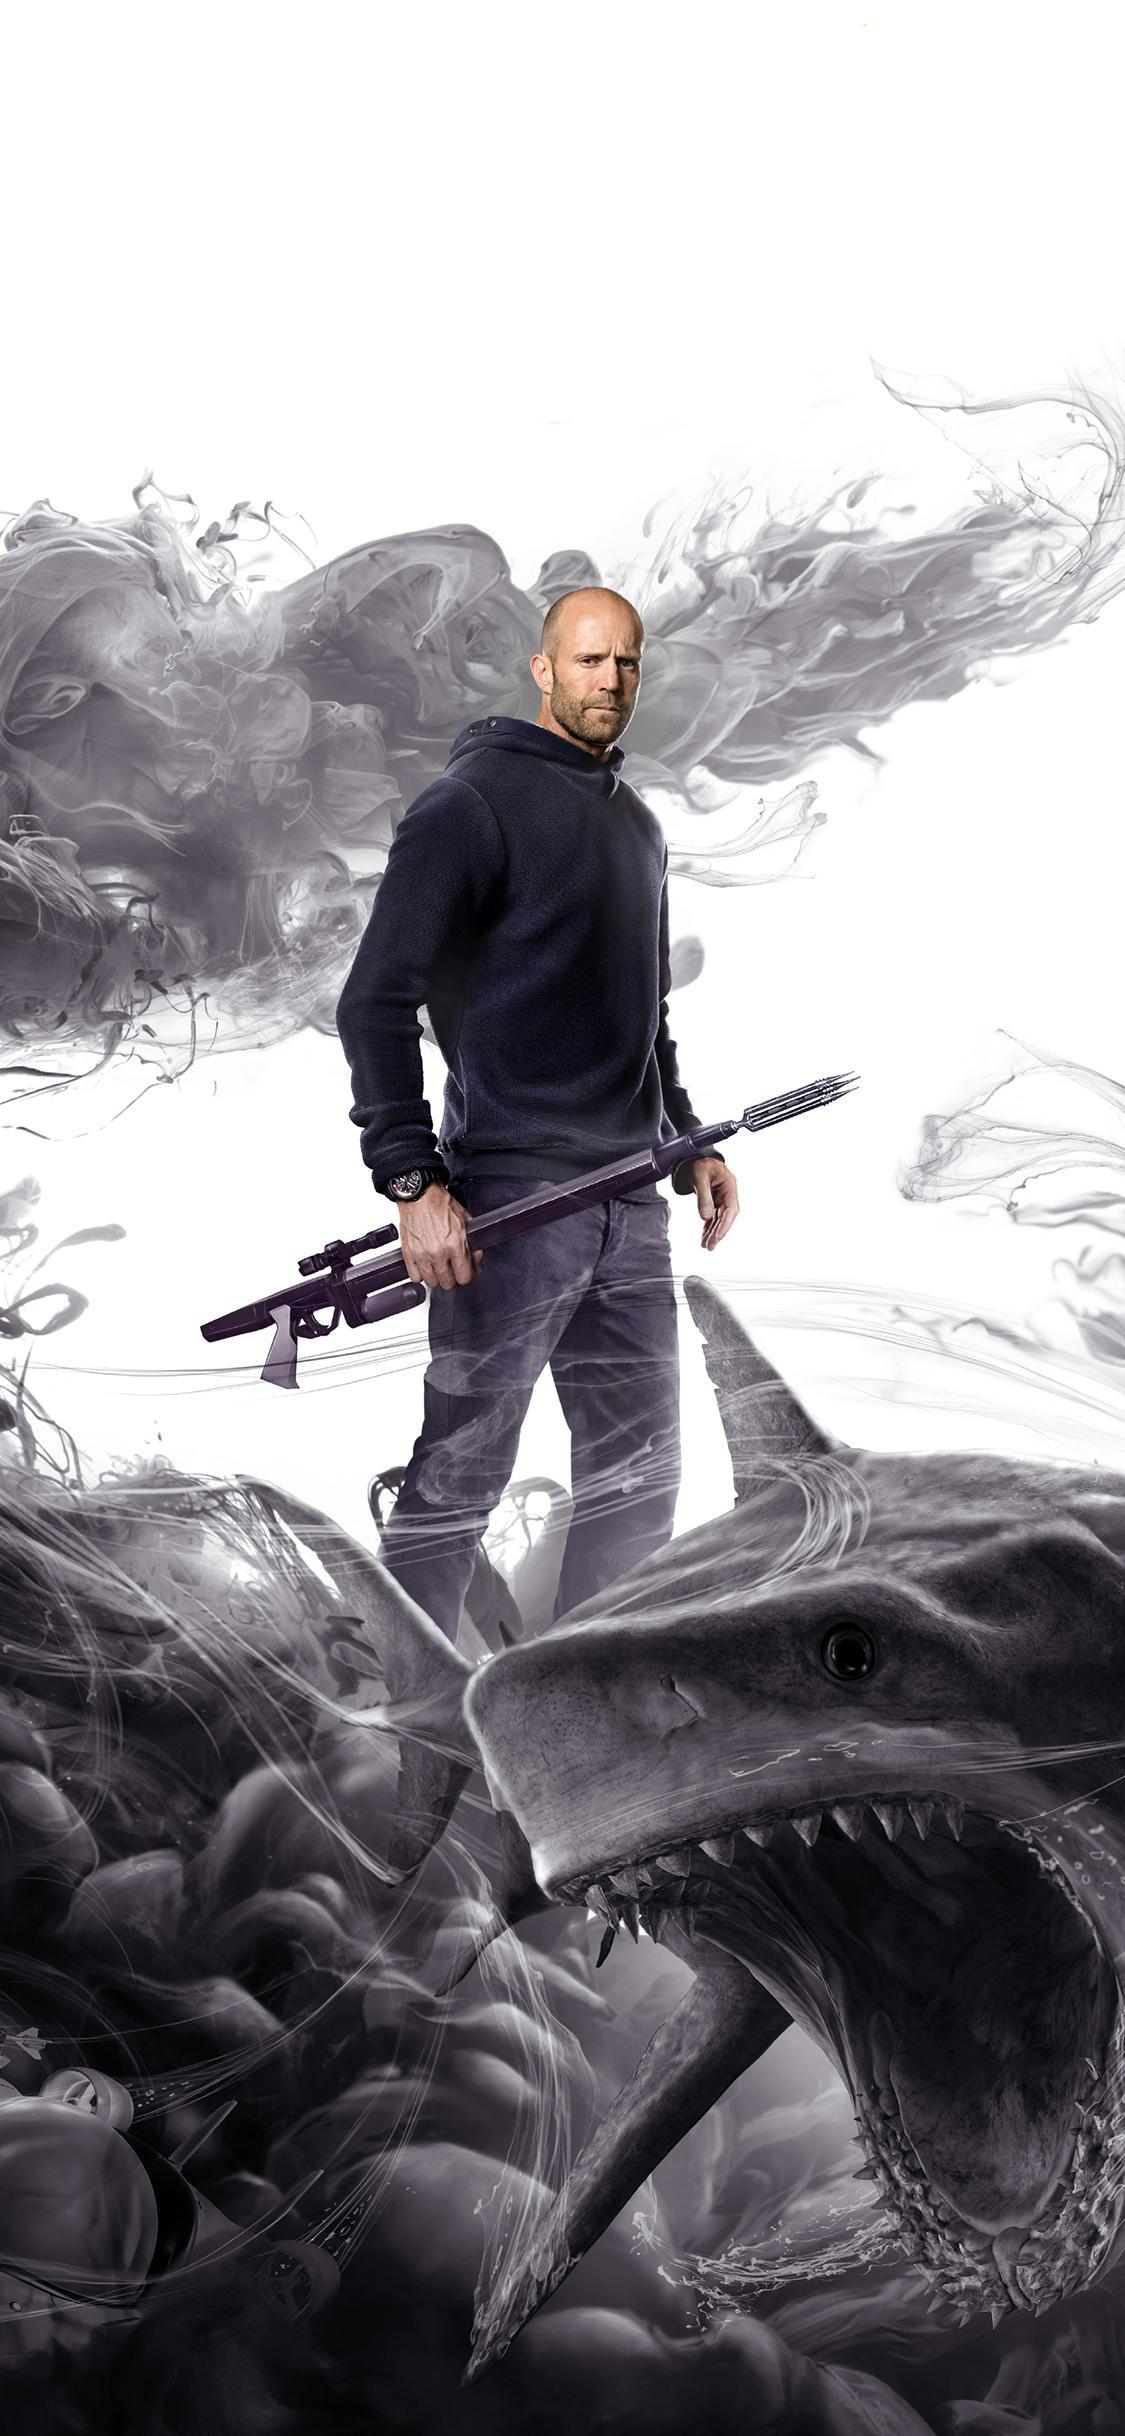 巨齿鲨 电影 海报 鲨鱼 杰森·斯坦森 水墨 苹果手机